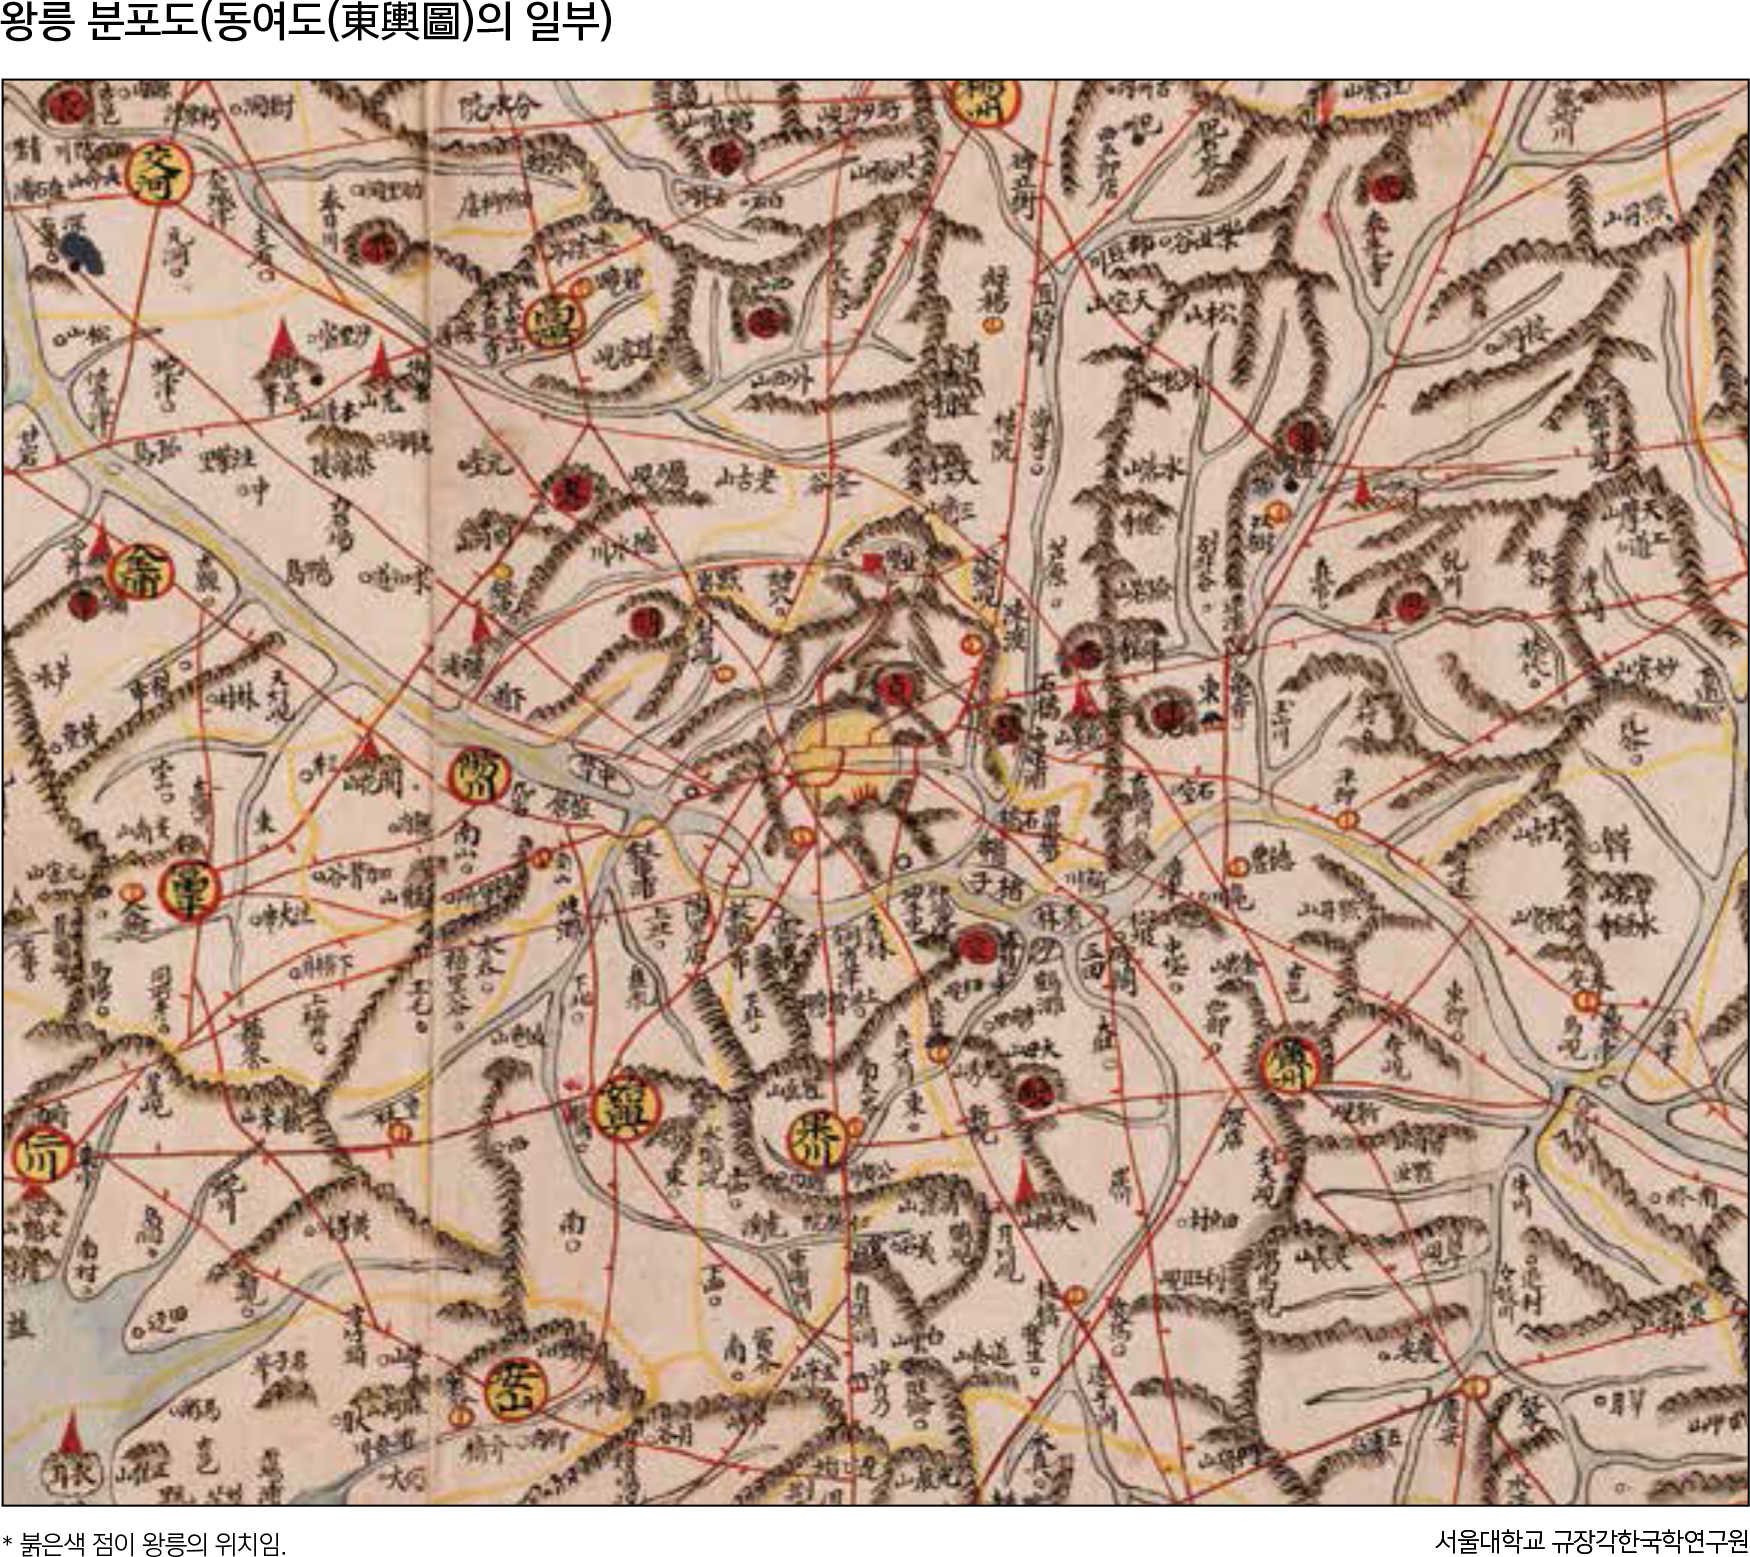 왕릉 분포도(동여도(東輿圖)의 일부)